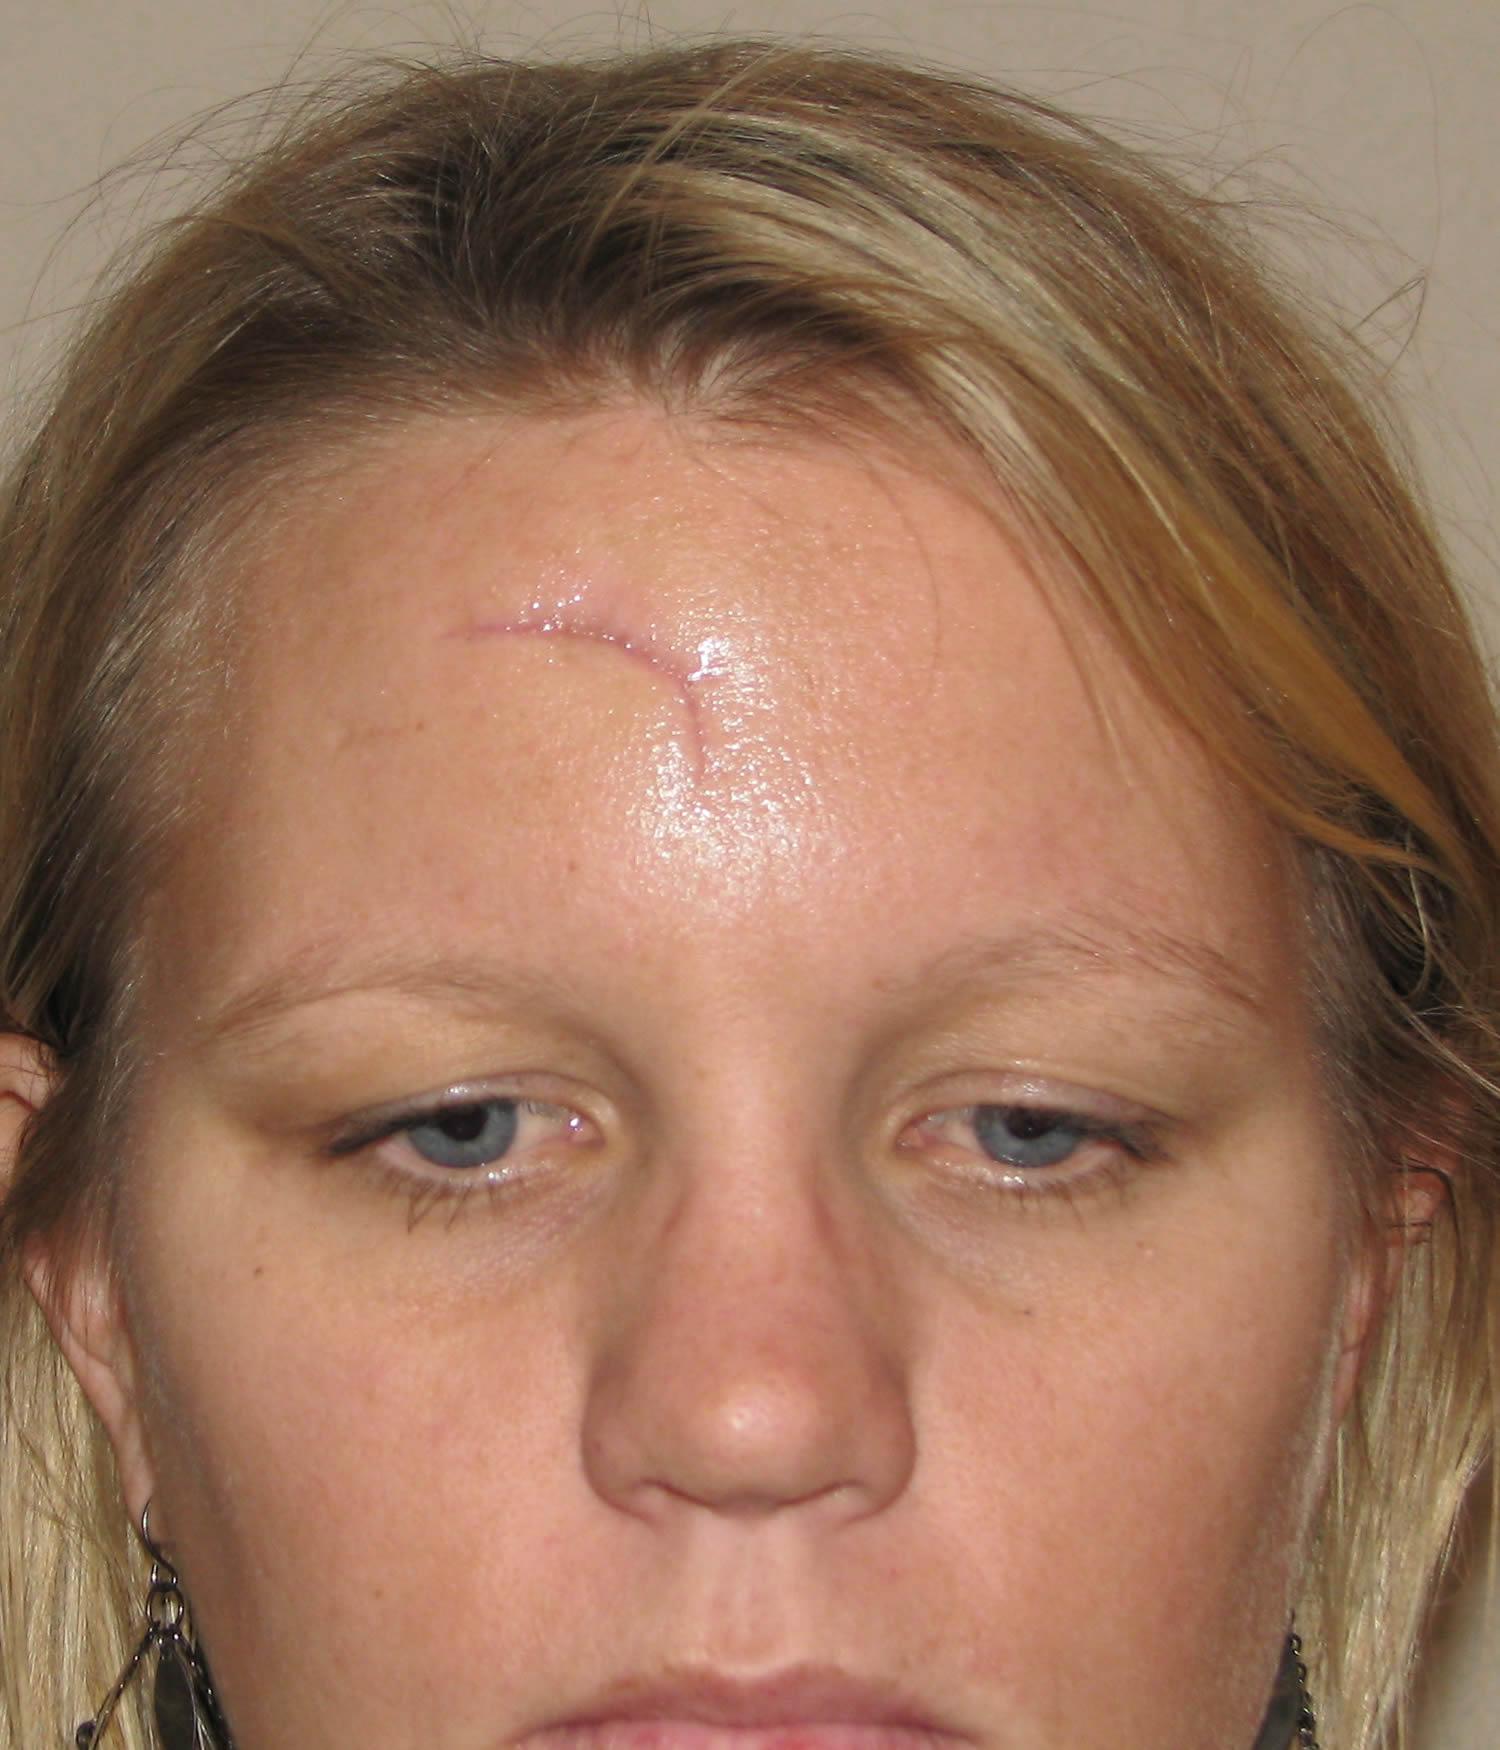 Facial Scar Surgery 71